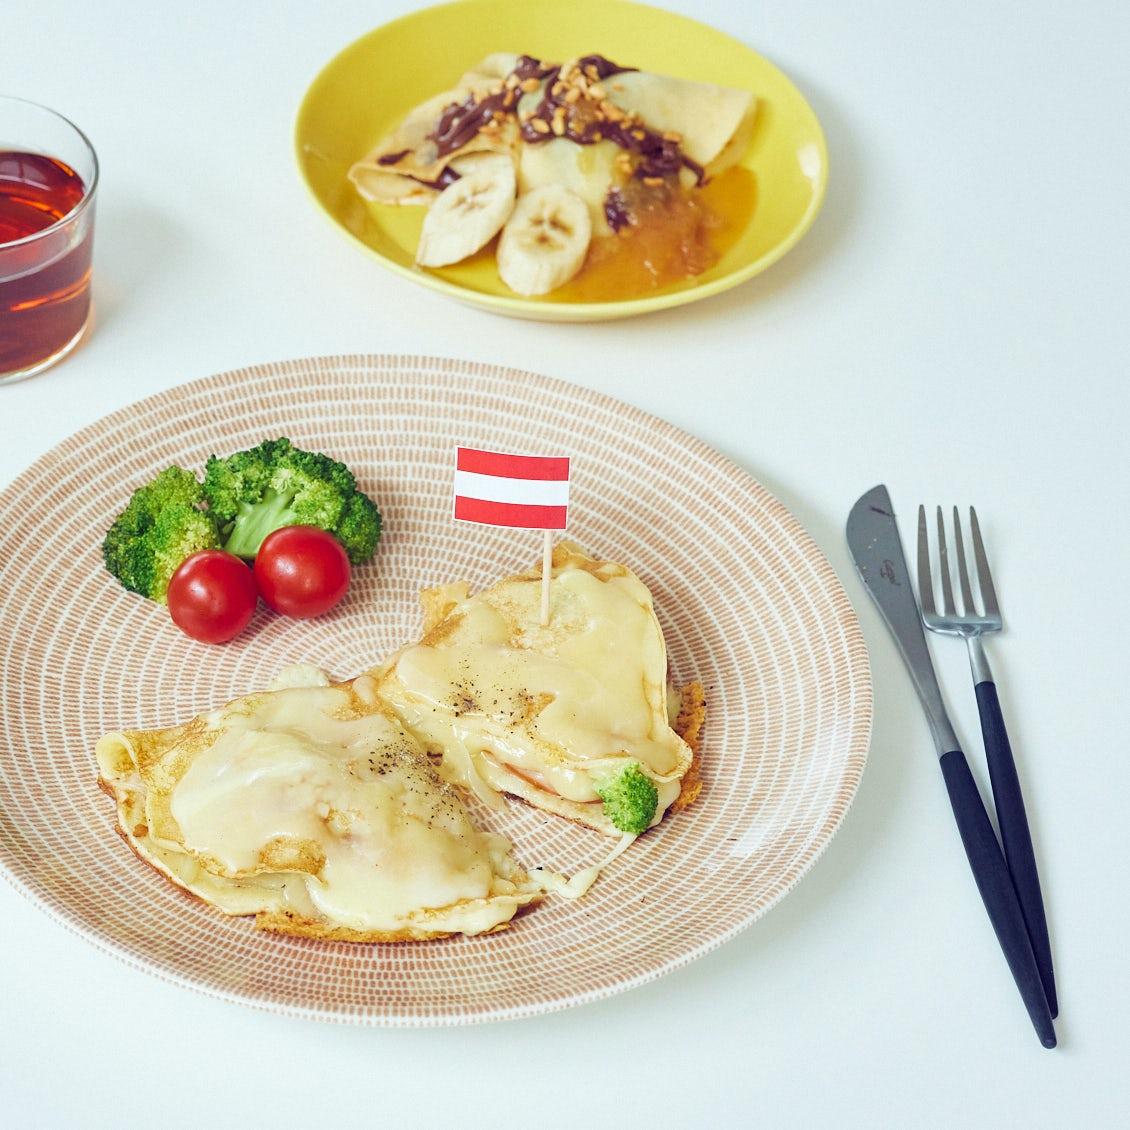 【週末は世界旅行!】第3話:週末の朝ごはんにいかが? オーストリアの「薄焼きパンケーキ」